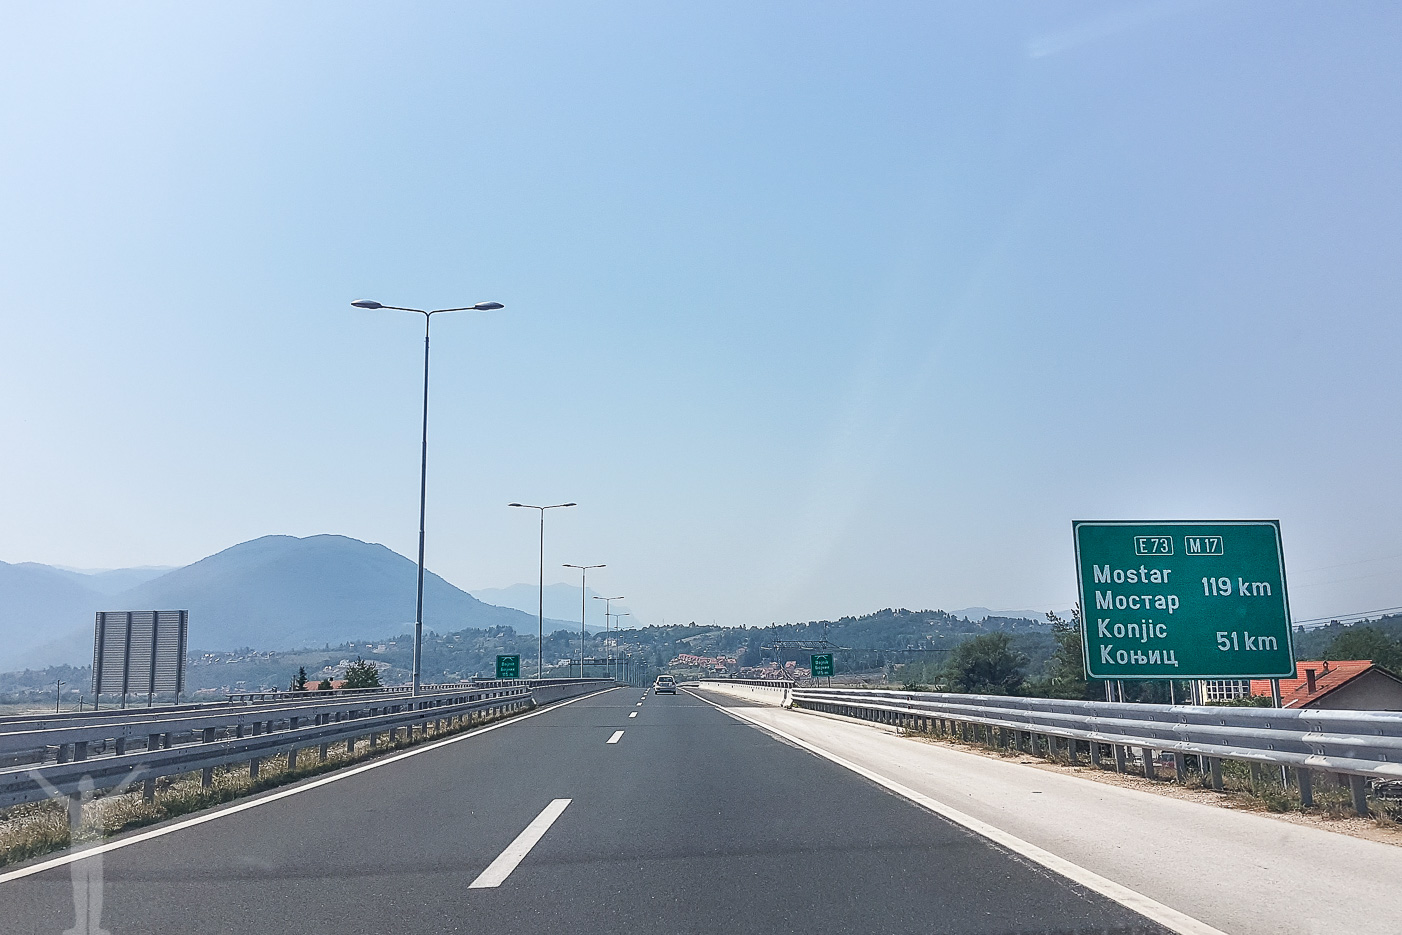 Nybyggd motorväg utanför Sarajevo